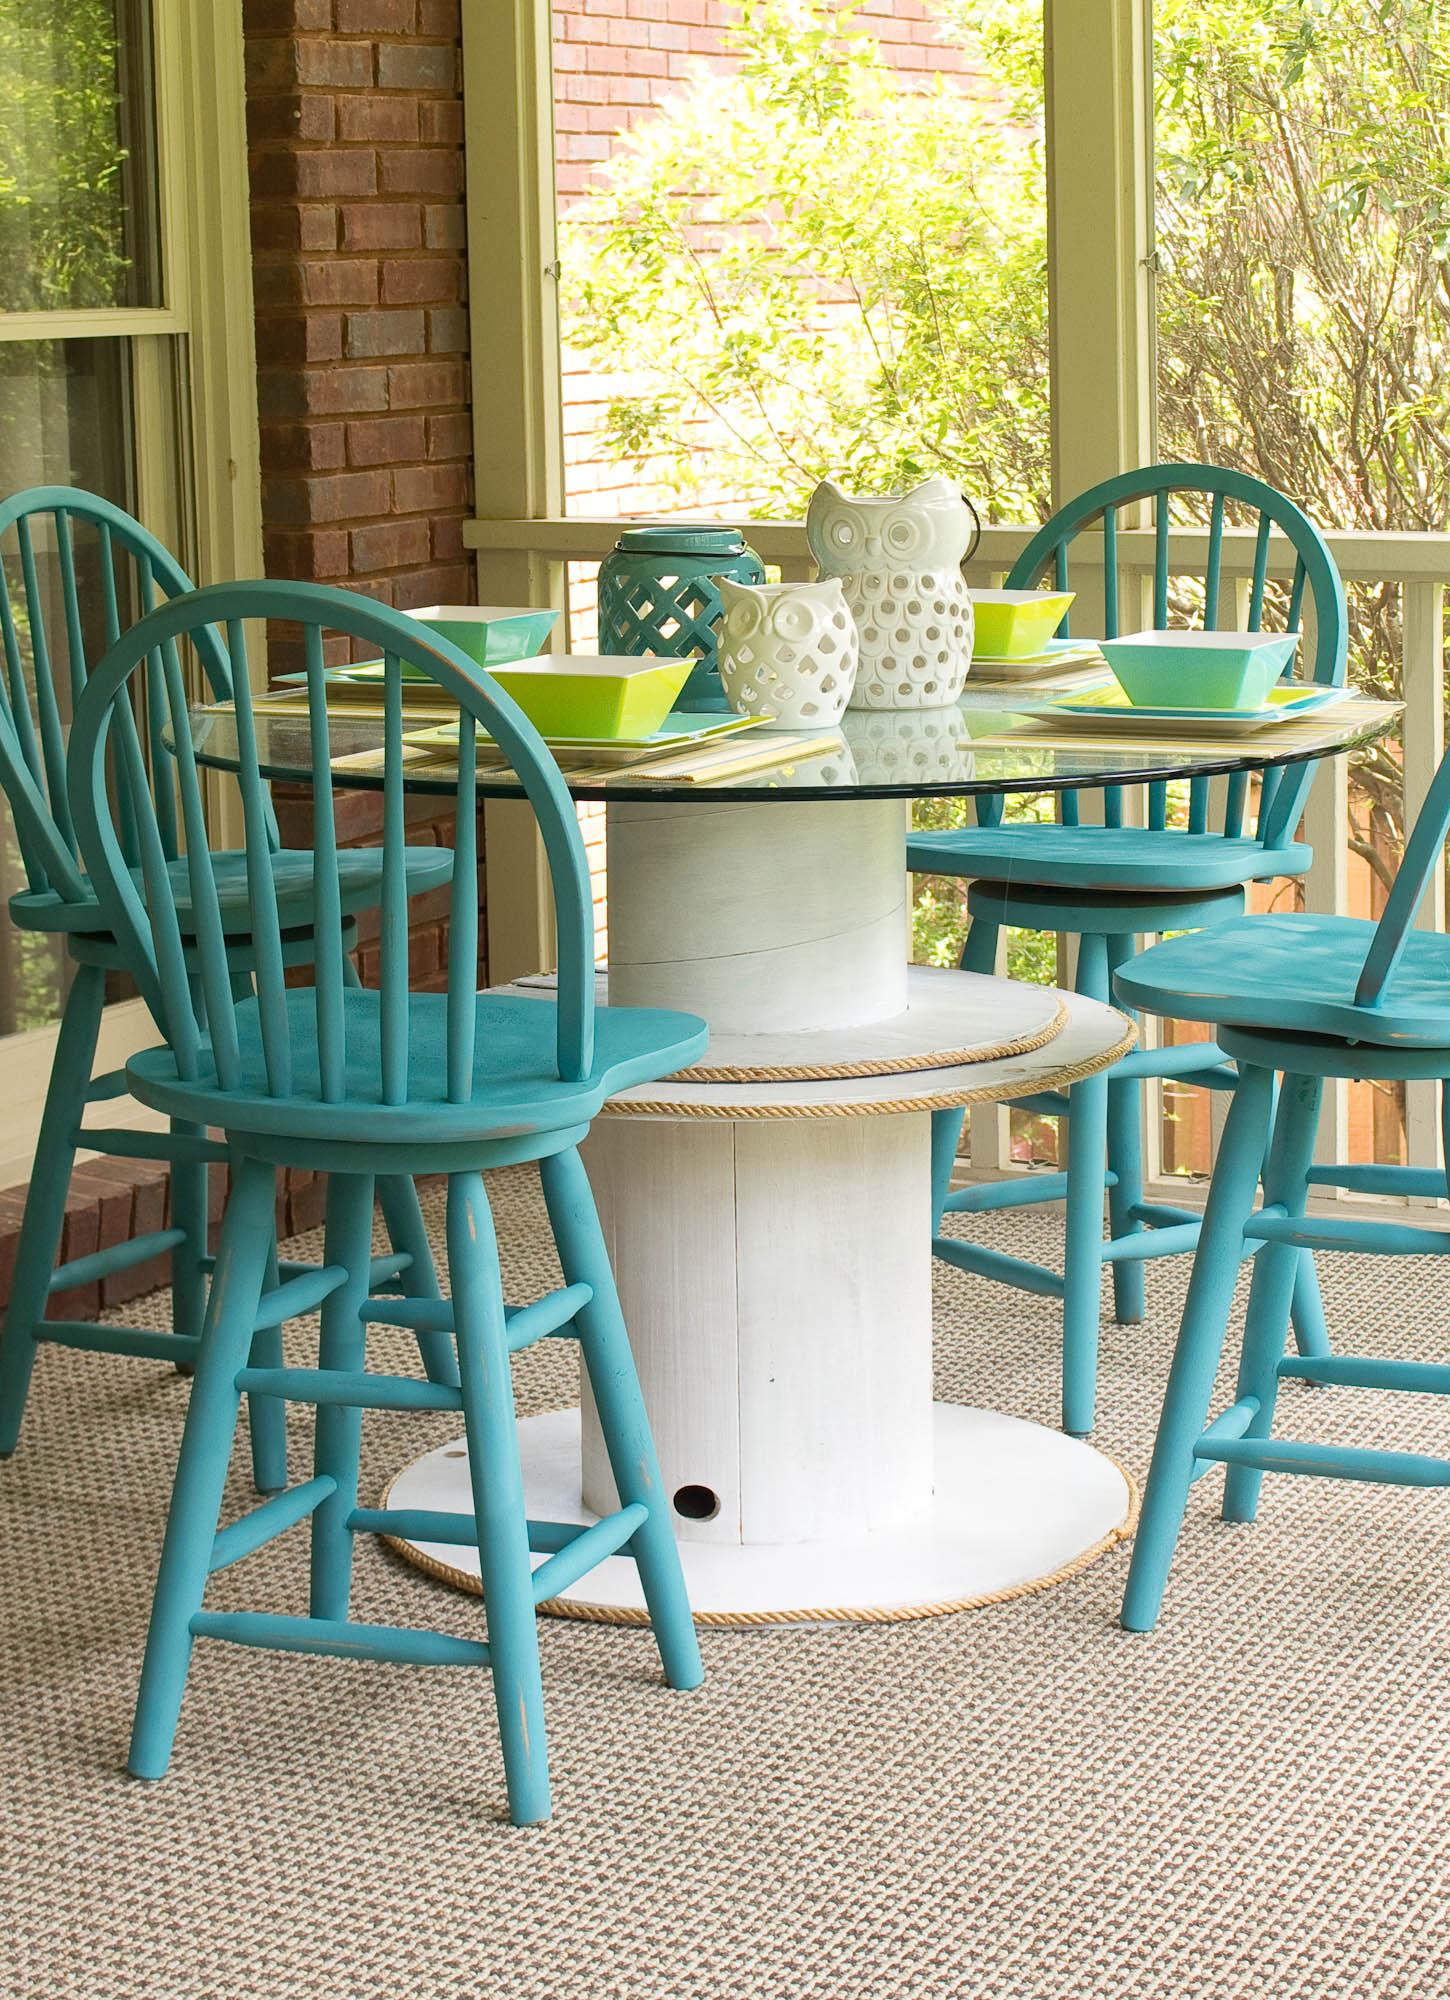 Décorer Un Touret En Bois ▷ 1001 + idées astuces brico pour créer une table en touret